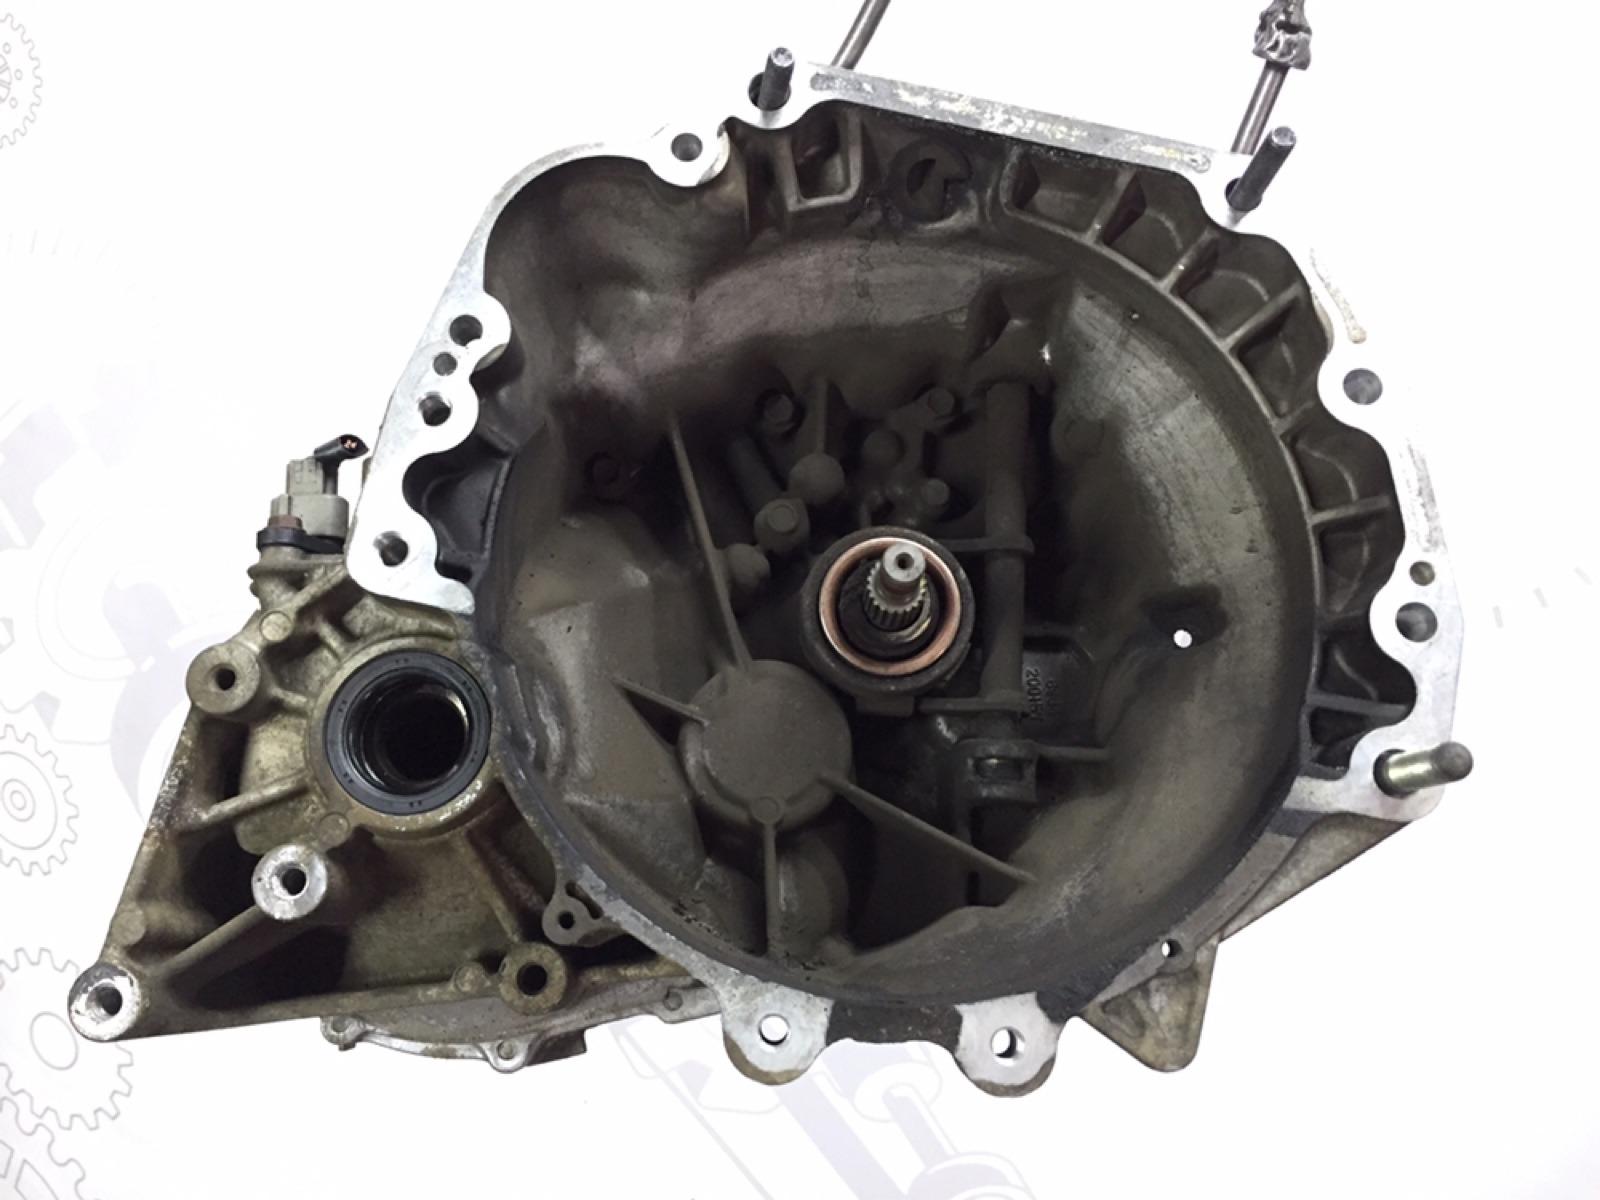 Кпп механическая (мкпп) Suzuki Liana 1.6 I 2005 (б/у)